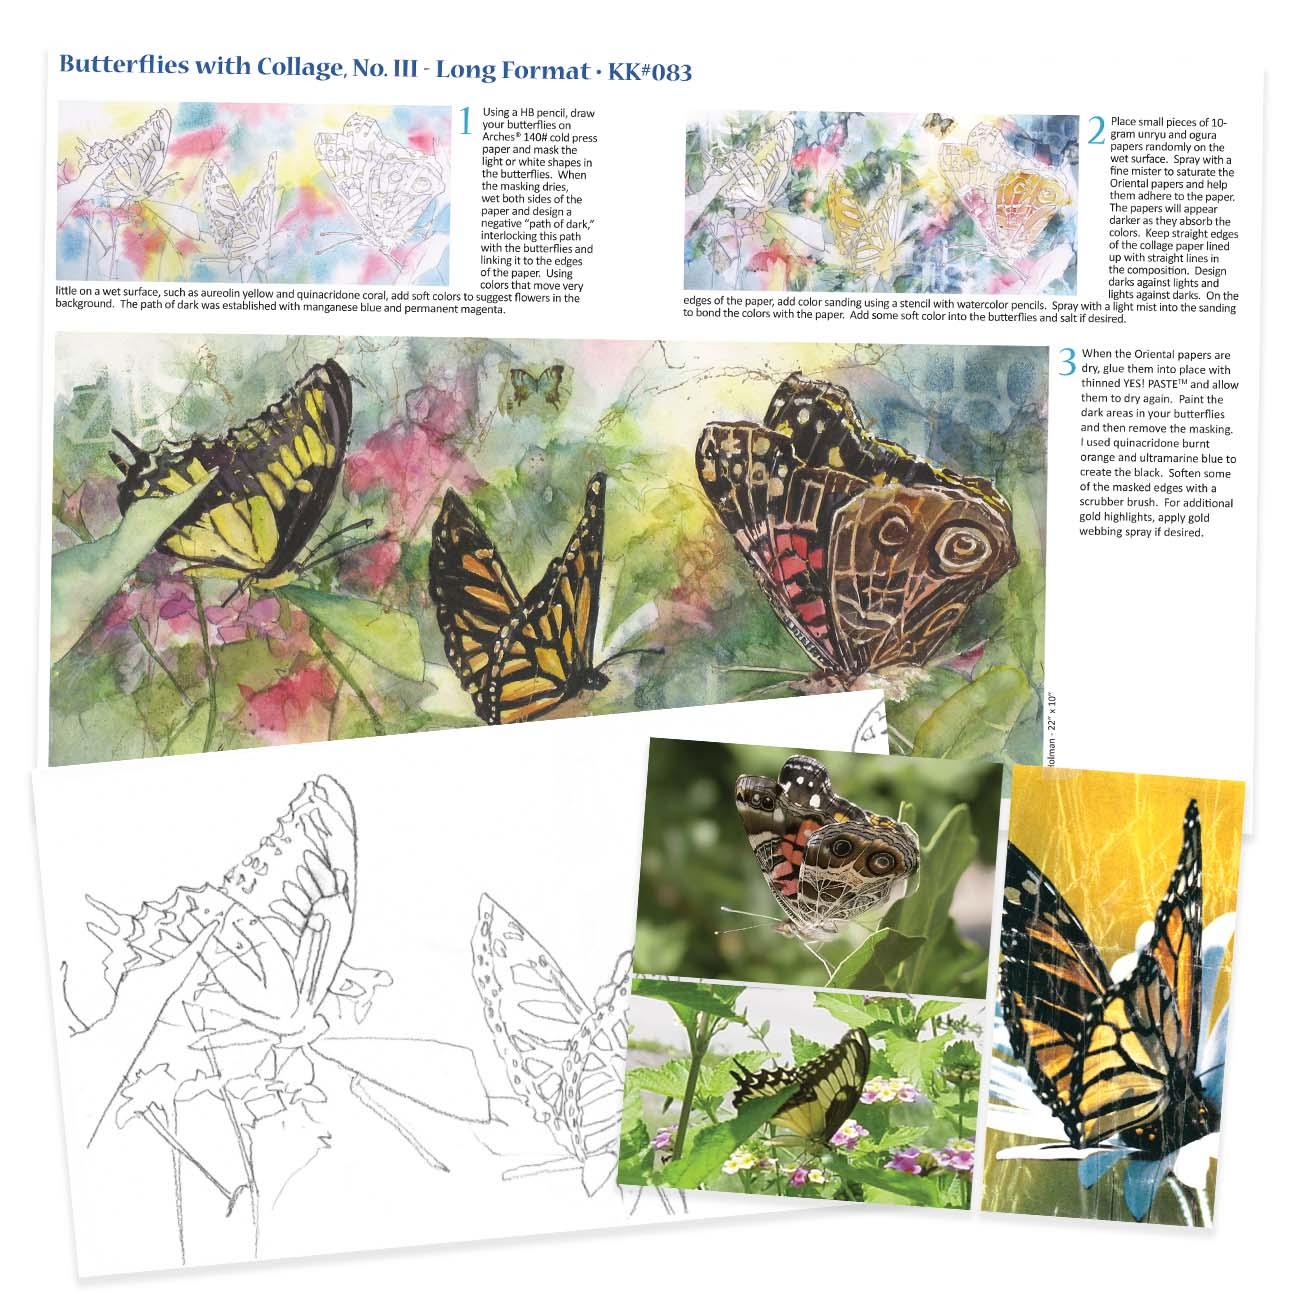 KK083 - Butterflies Collage No. III